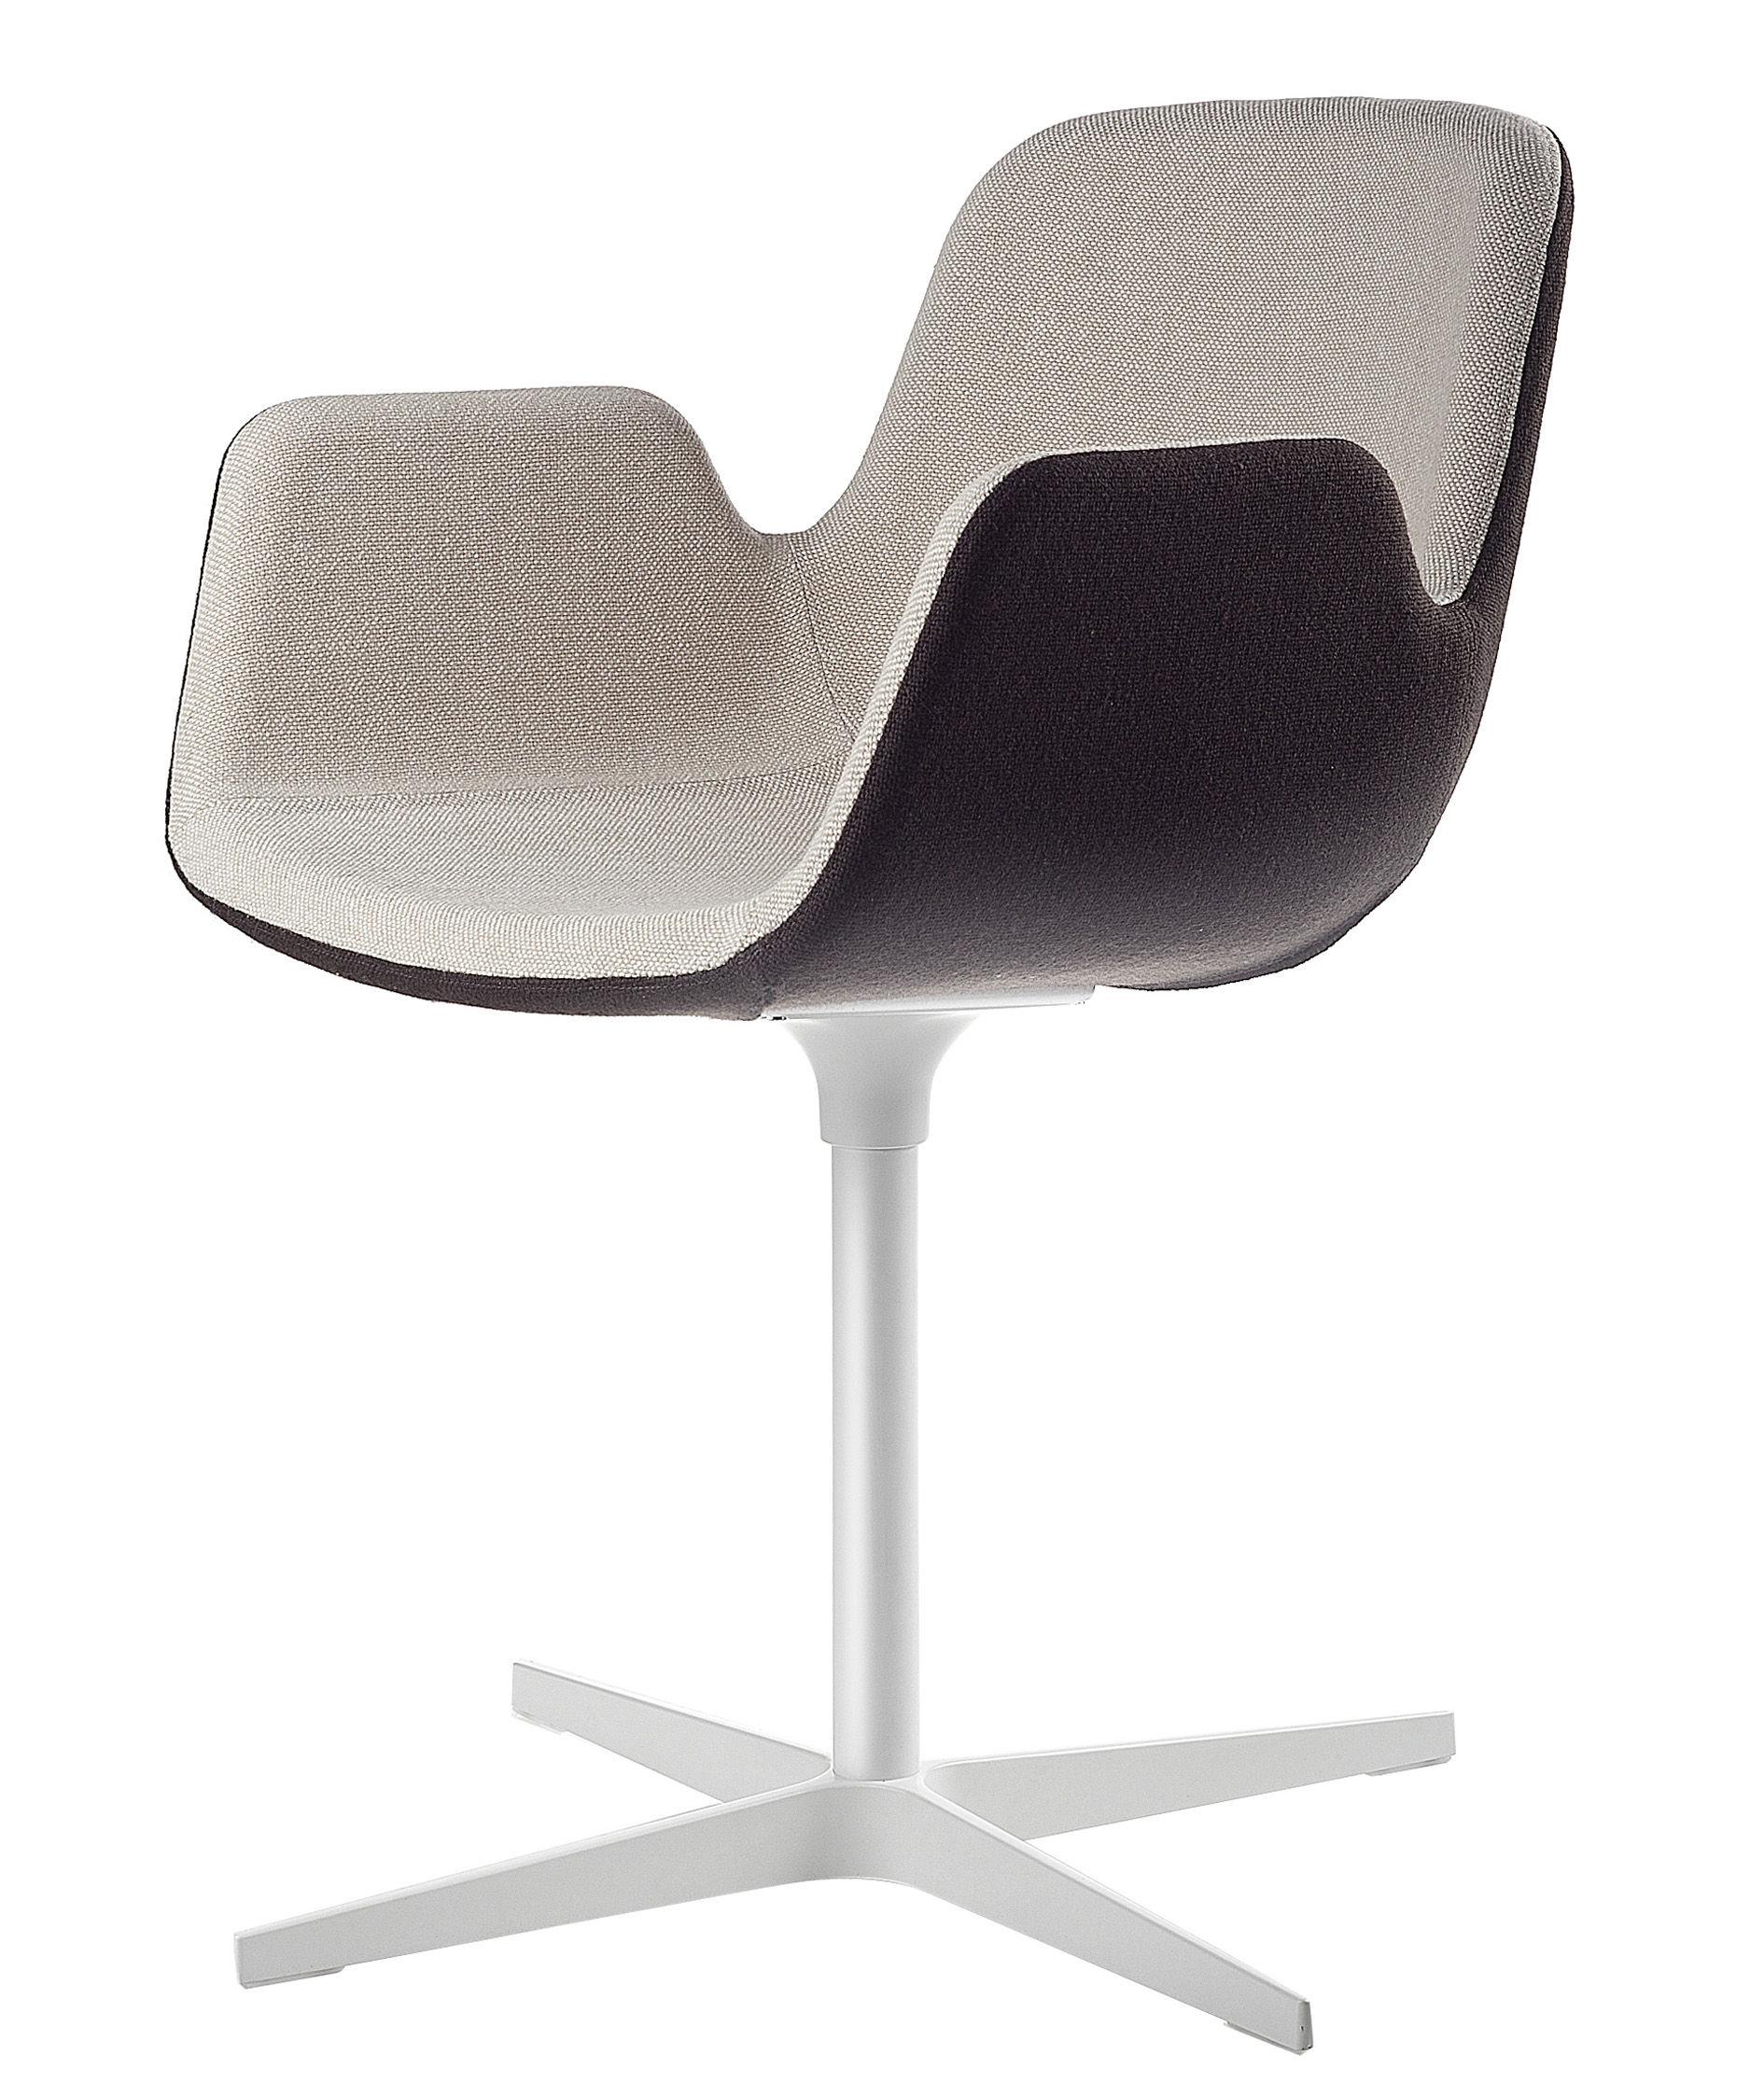 Mobilier - Chaises, fauteuils de salle à manger - Fauteuil pivotant Pass / Rembourré - Tissu - Lapalma - Assise : Int tissu beige / ext. tissu marron - Structure laquée - Aluminium laqué, Tissu